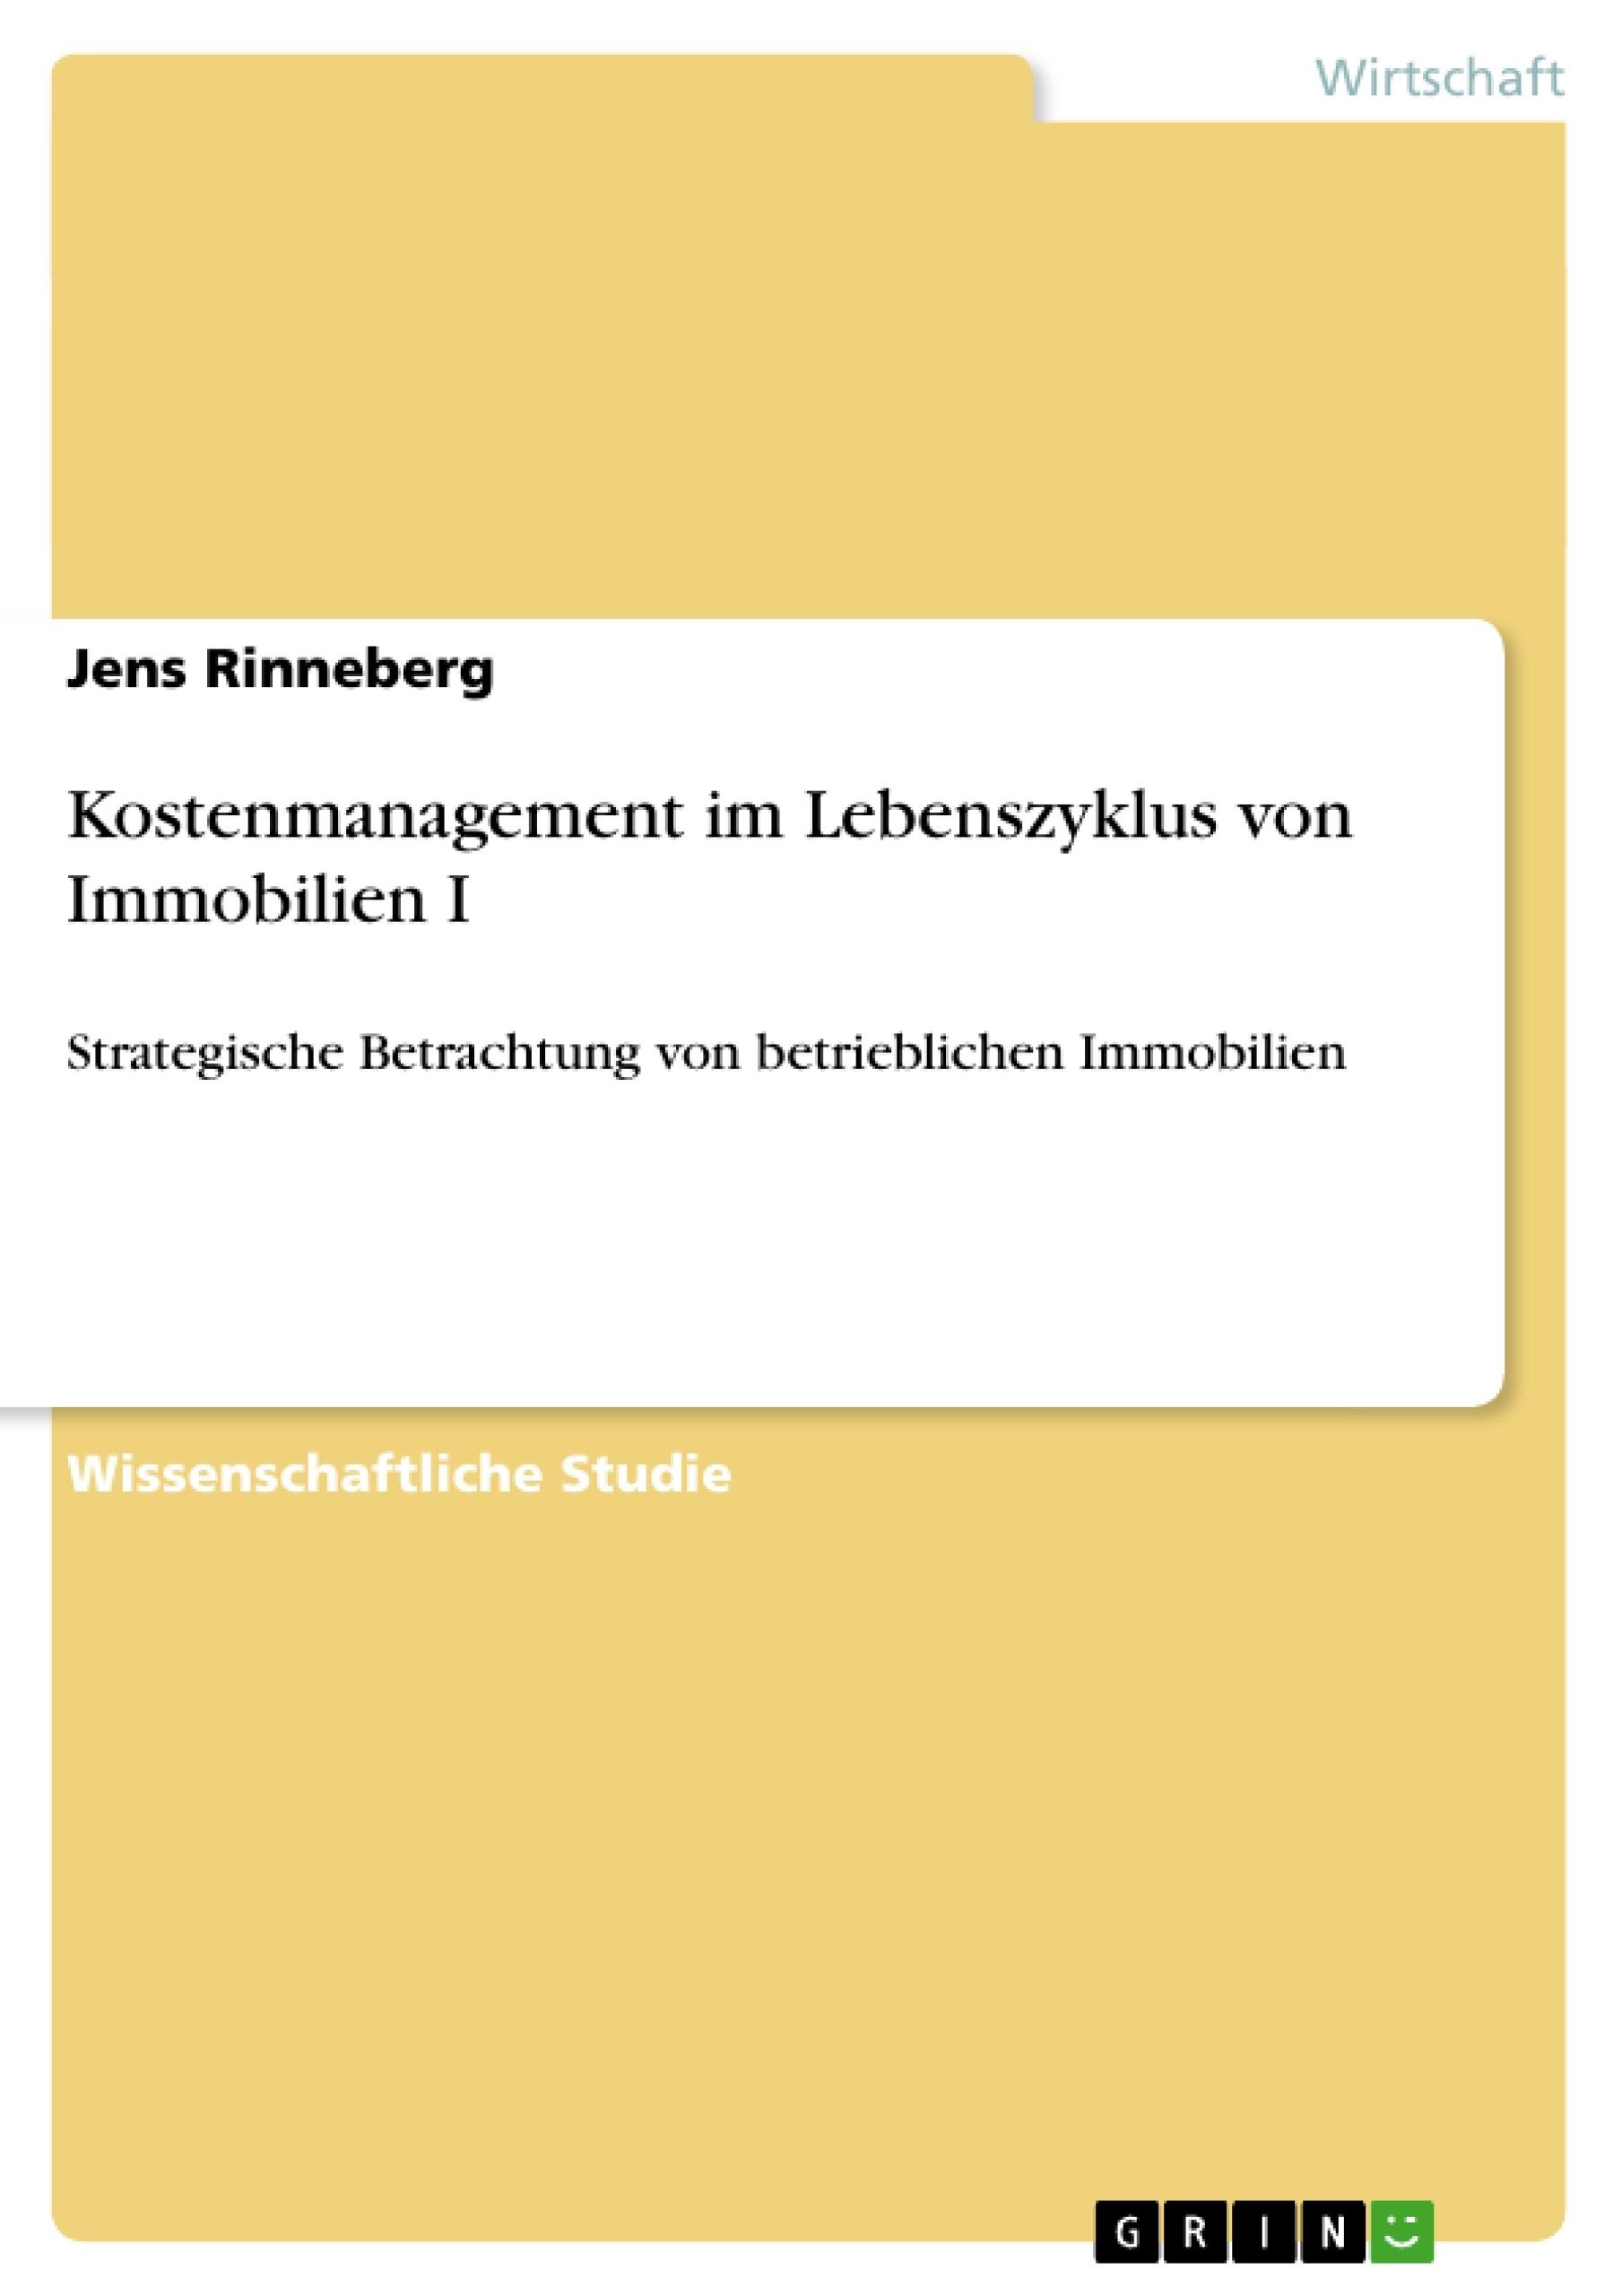 Titel: Kostenmanagement im Lebenszyklus von Immobilien I